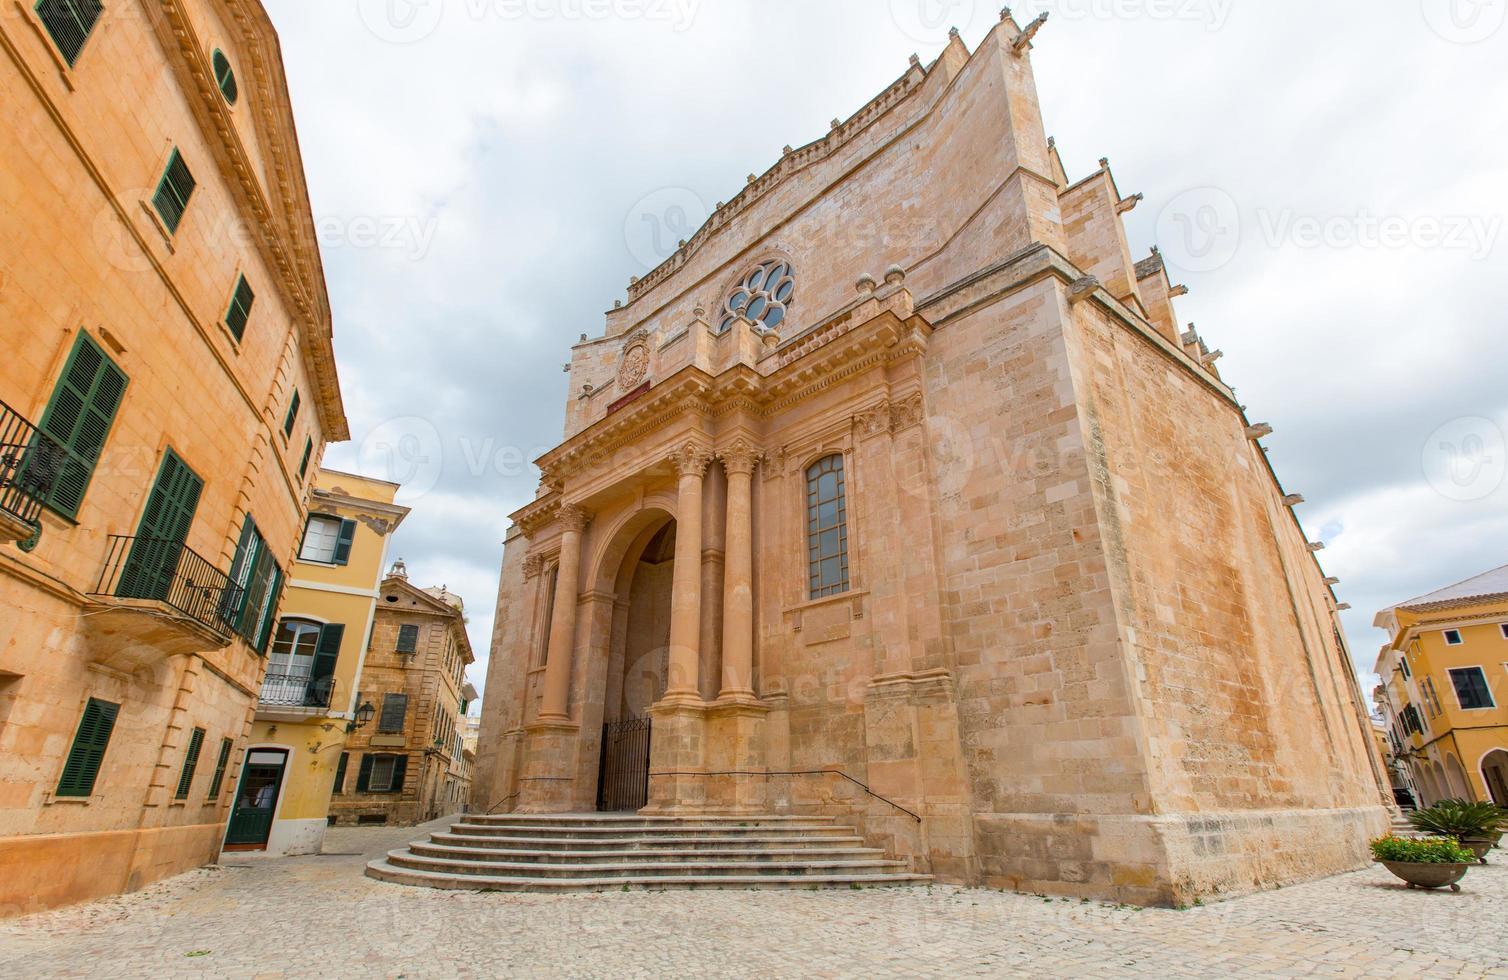 Ciutadella Menorca Cathedral at Ciudadela Balearic islands photo